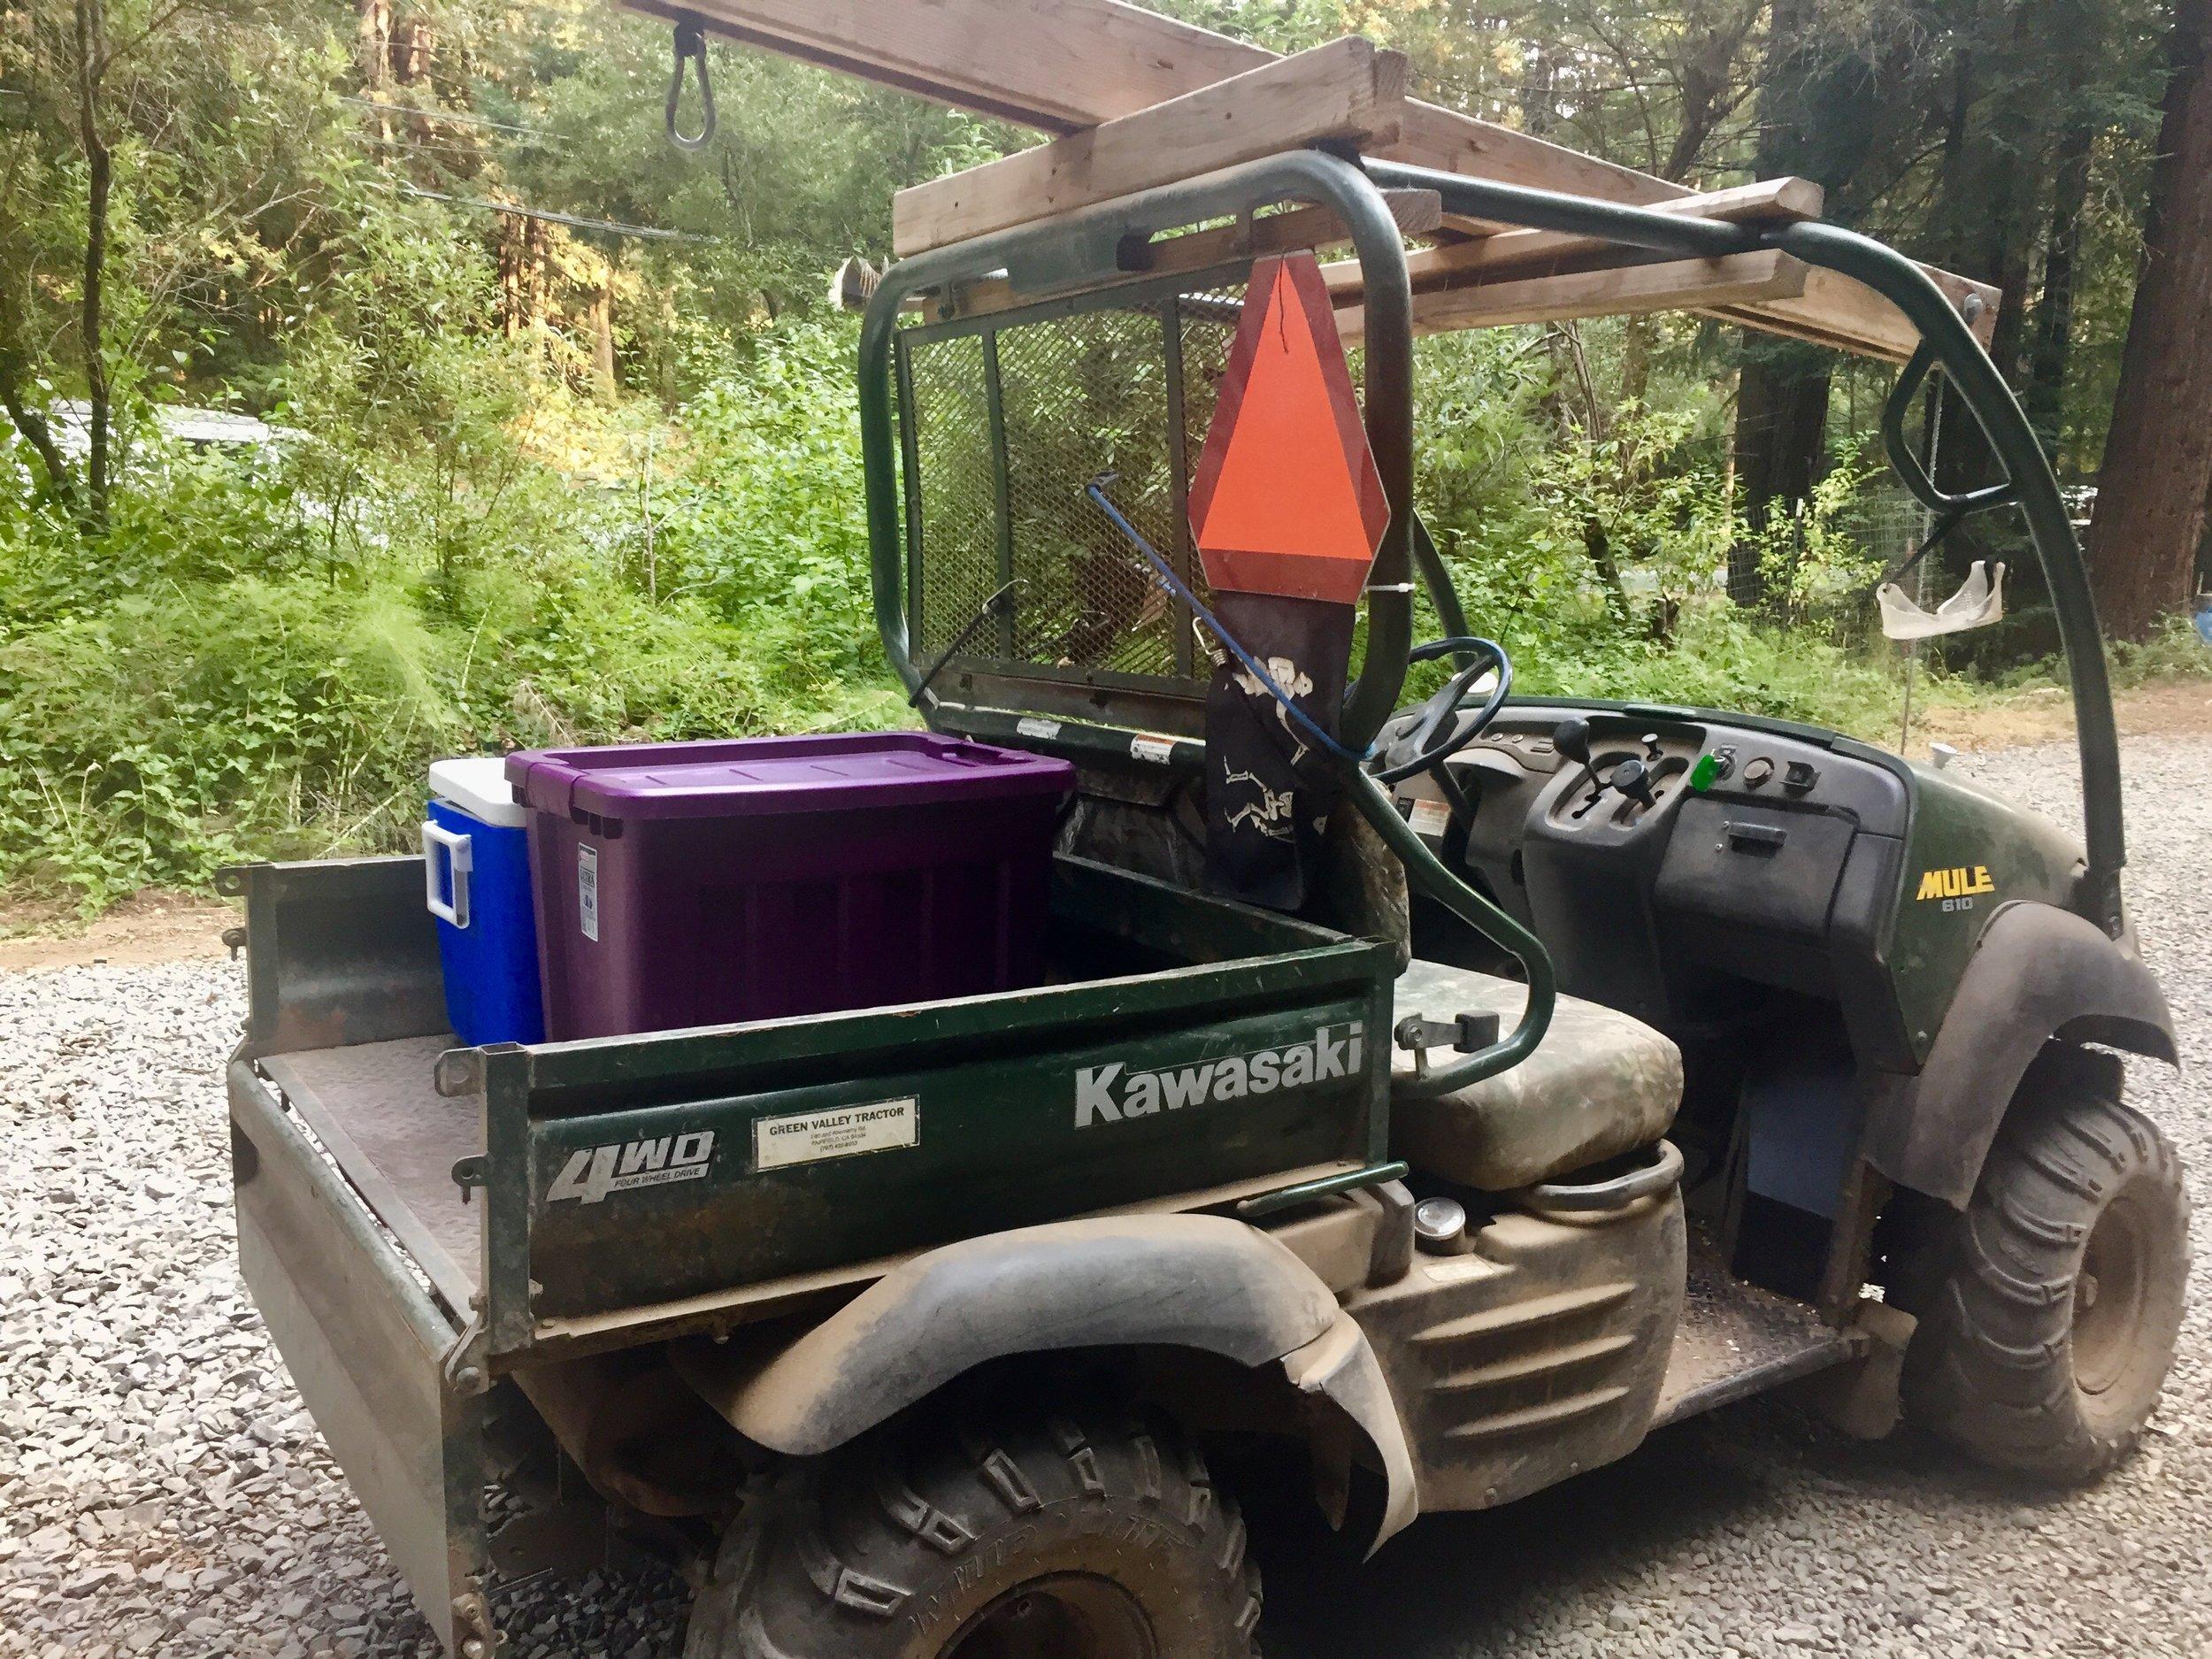 Kawasaki Mule